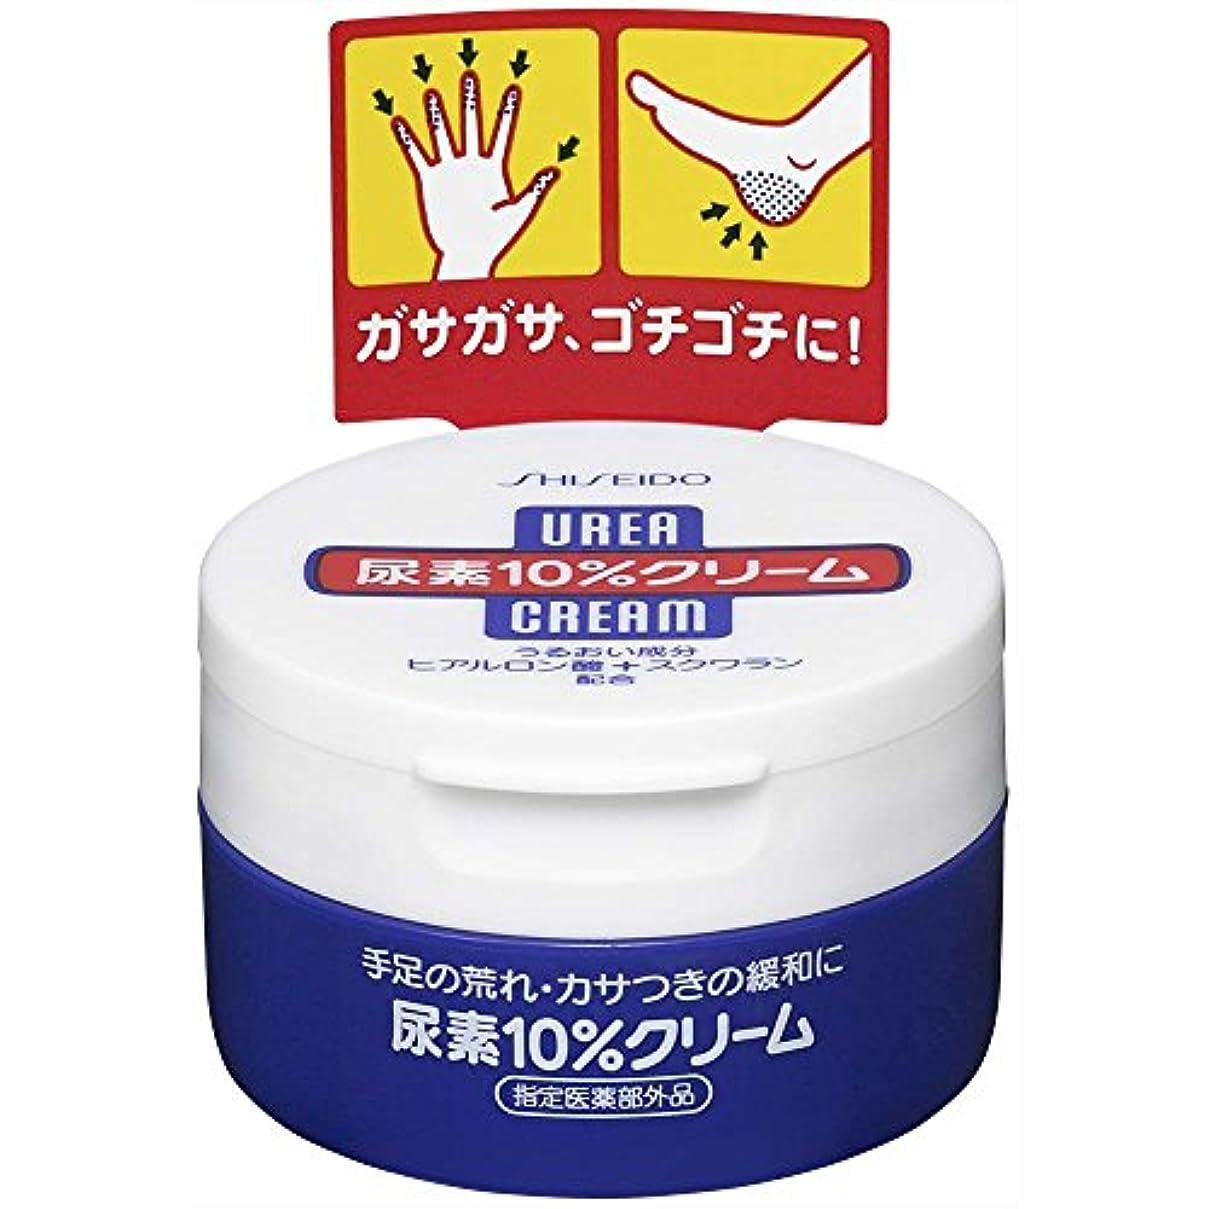 ロール発生器女優尿素10% クリーム 100g